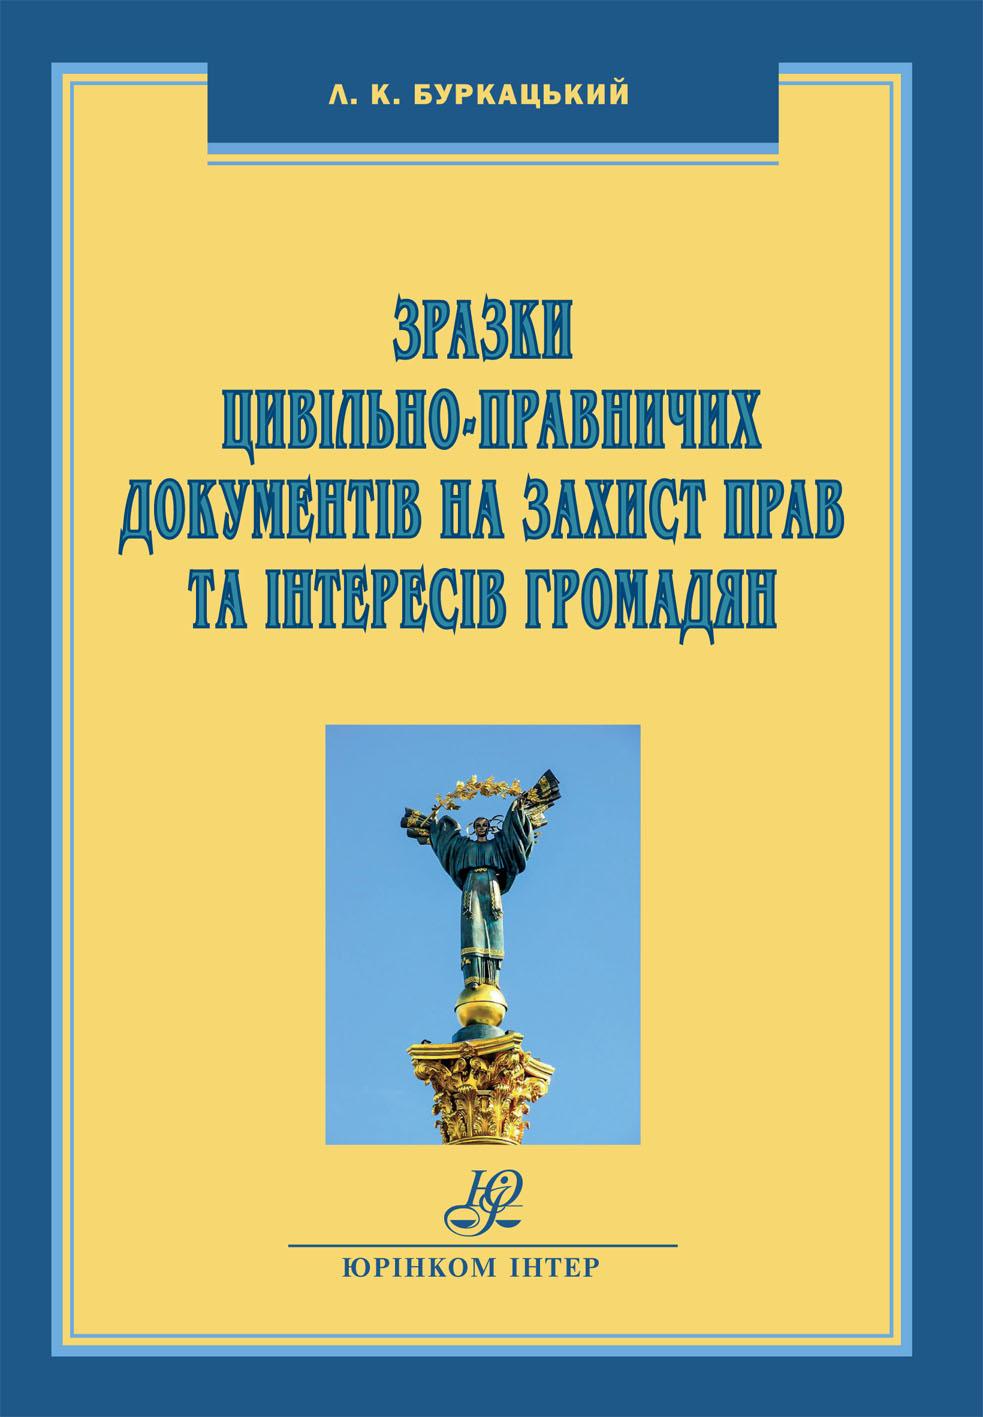 Обложка книги Зразки цивільно-правничих документів на захист прав та інтересів громадян: наук.-практ. посіб.